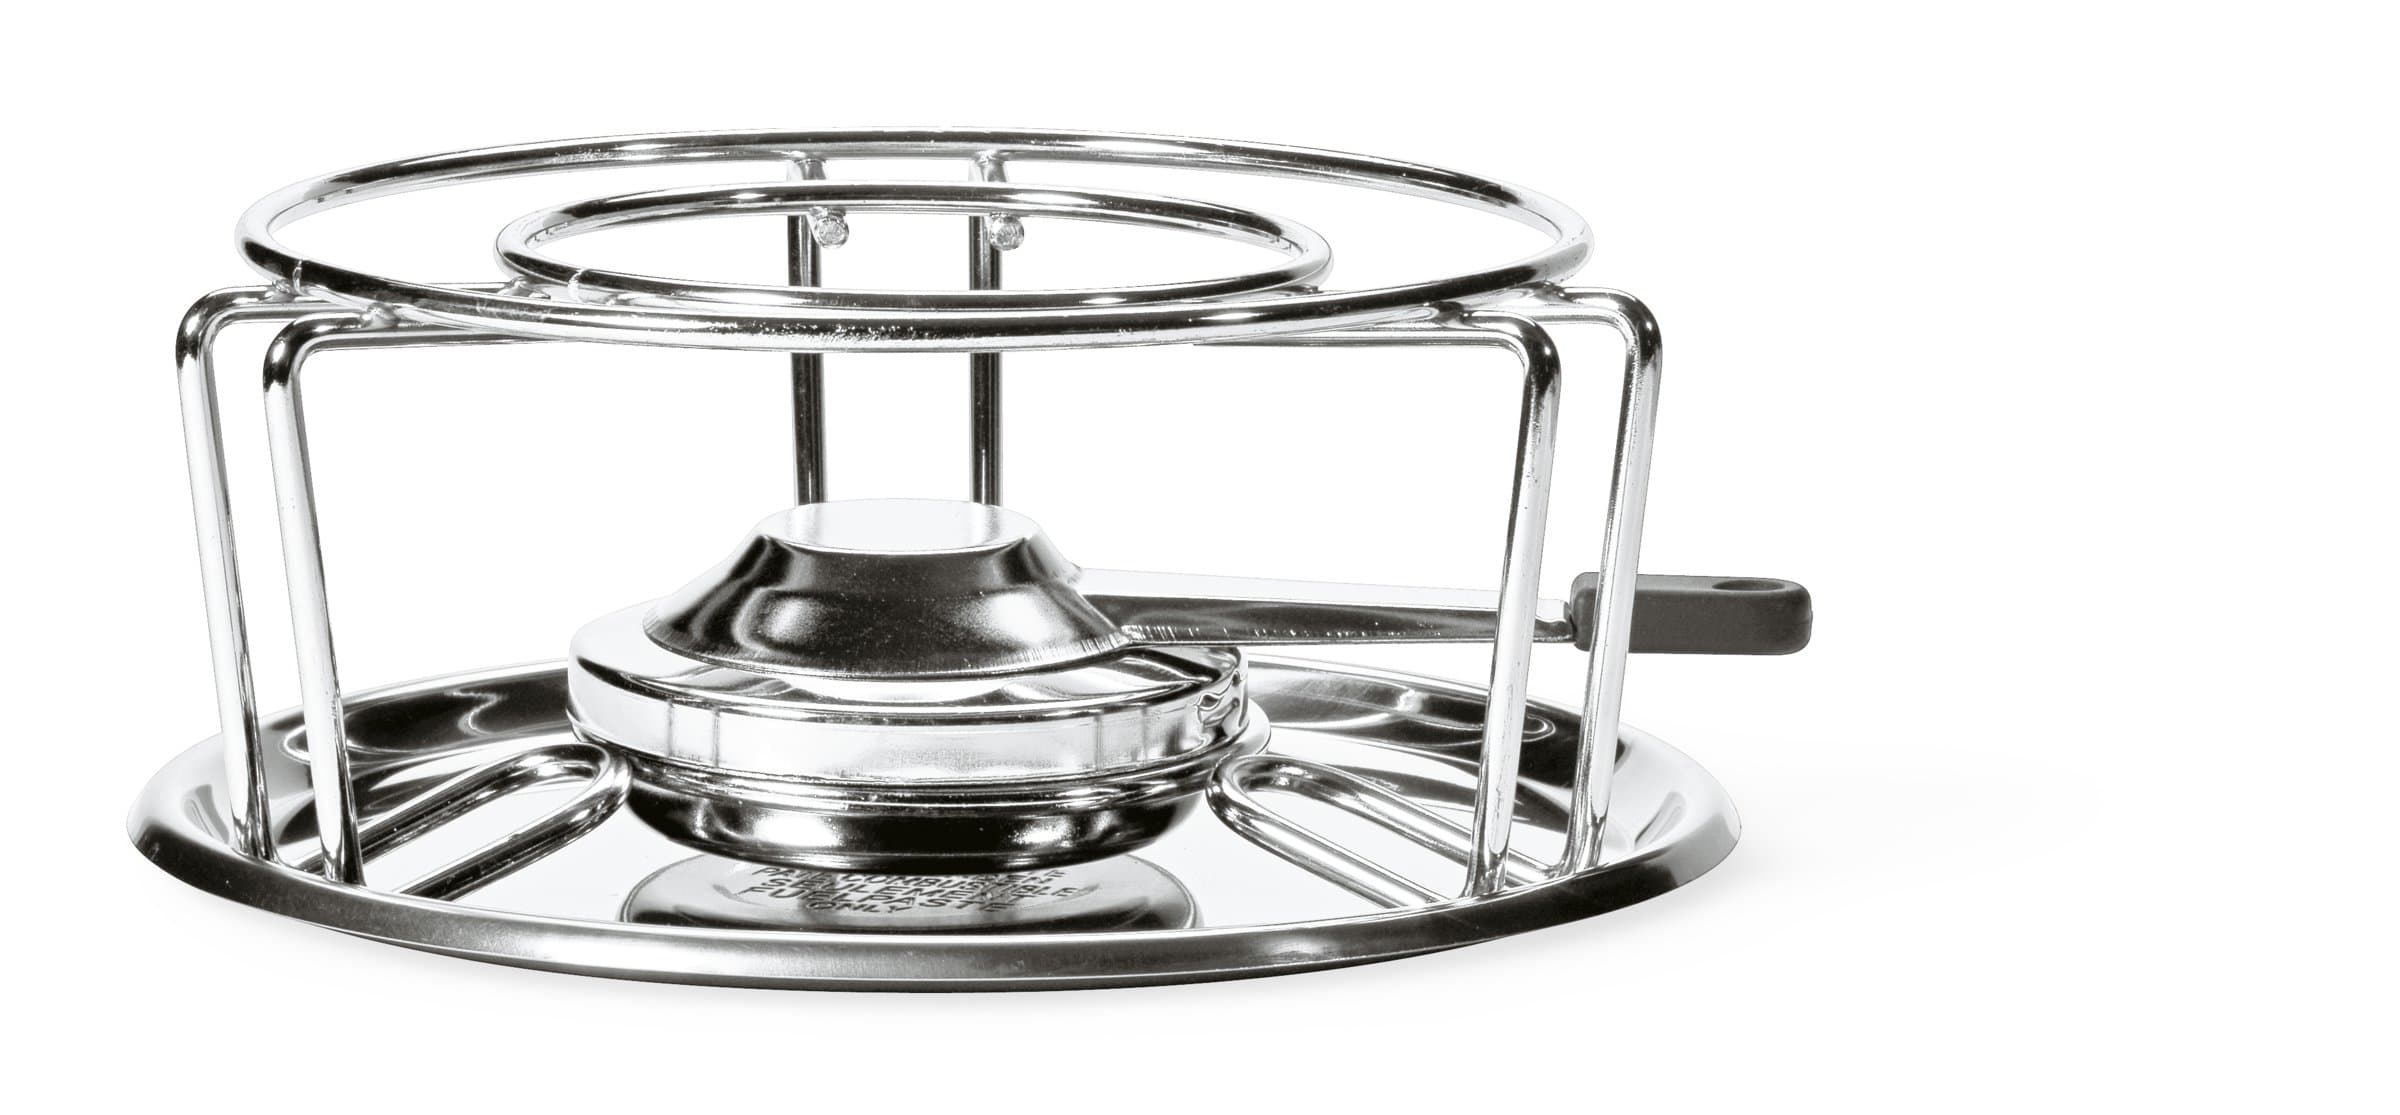 Cucina & Tavola Réchaud à fondue